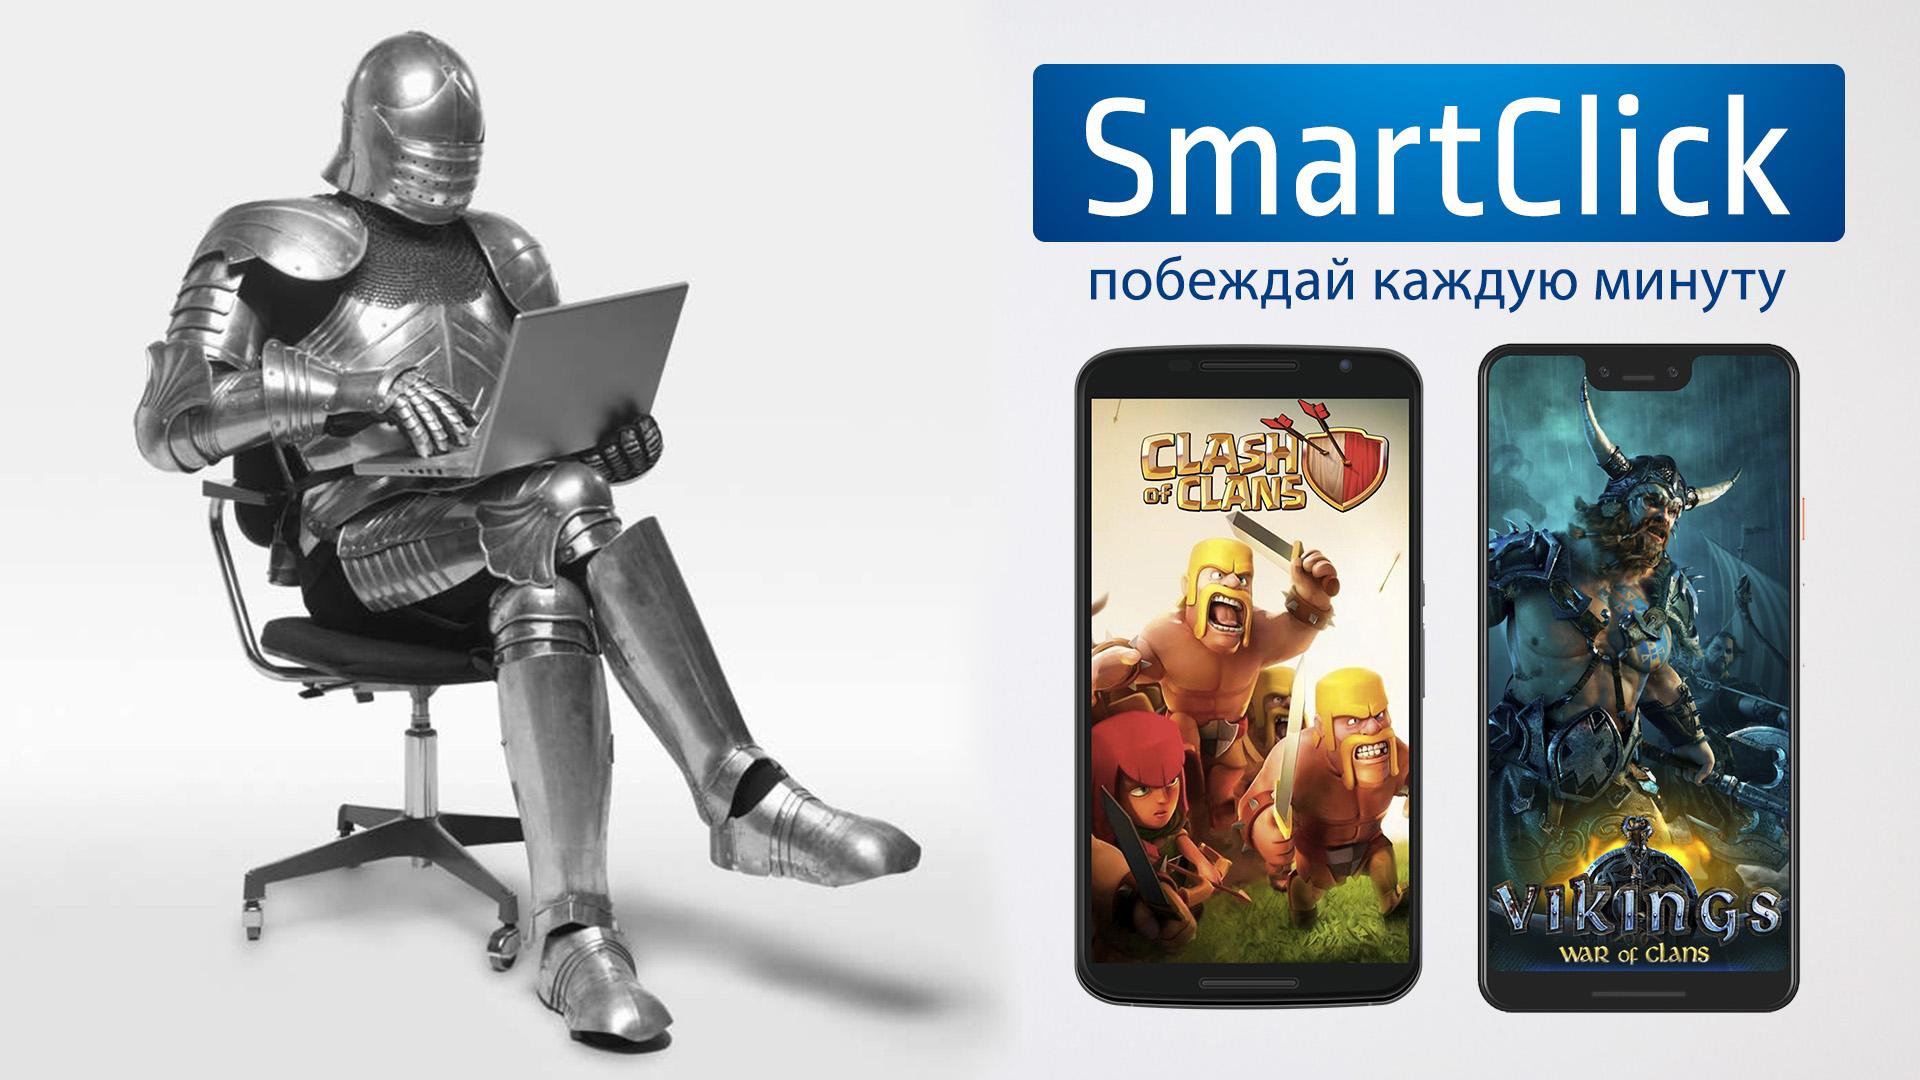 Разработка рекламного баннера мобильного приложения фото f_1325c0683ade8047.jpg